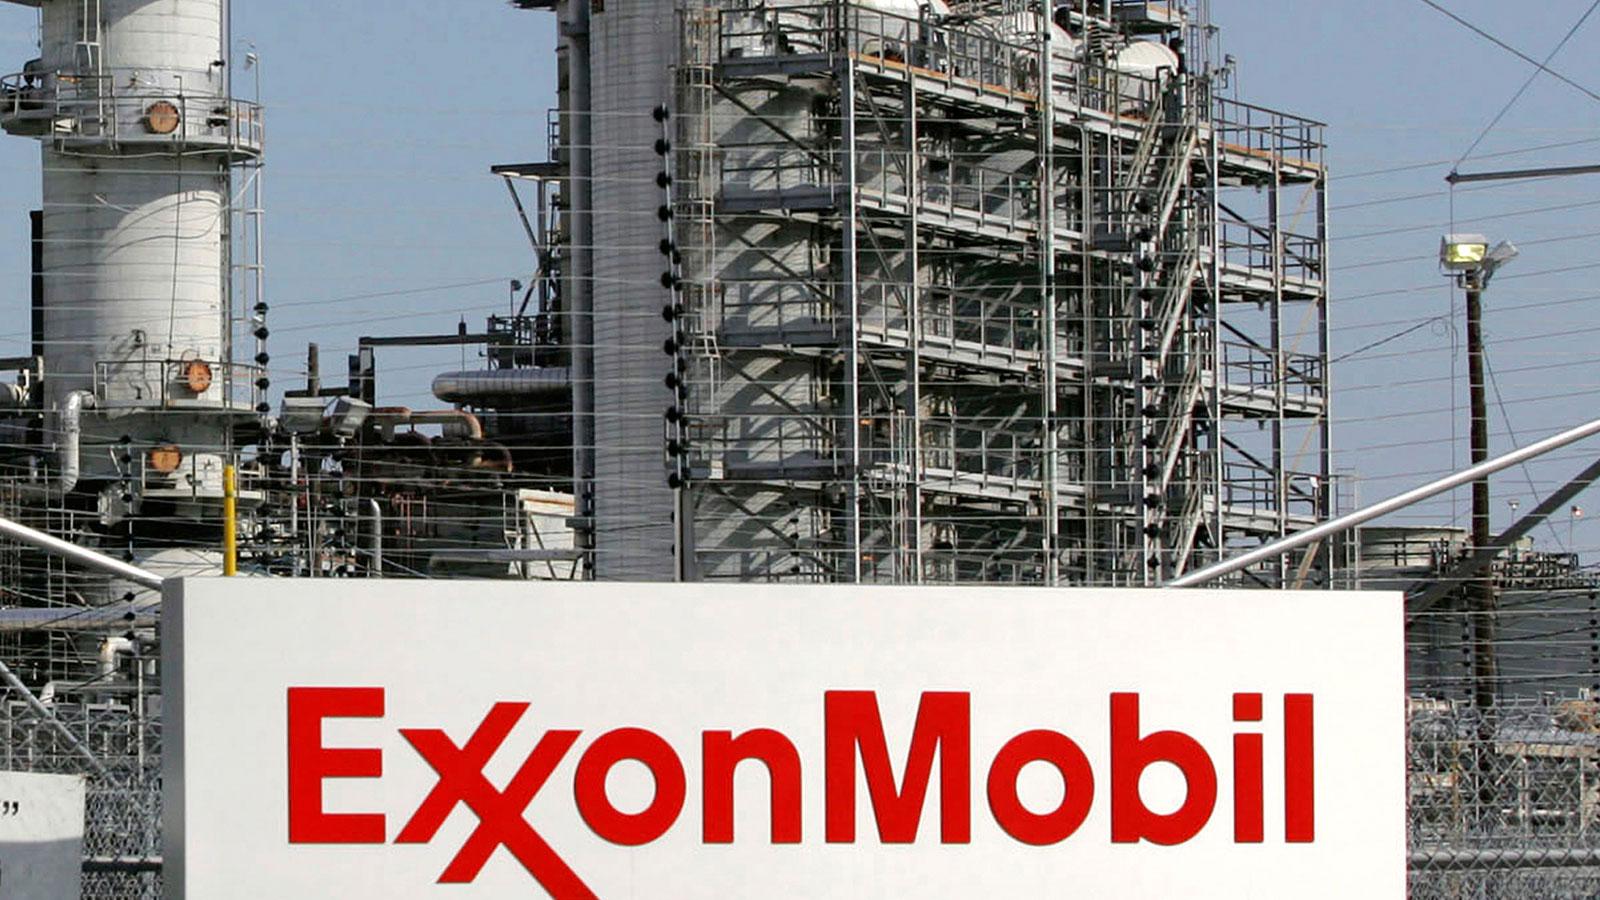 An Exxon Mobil refinery